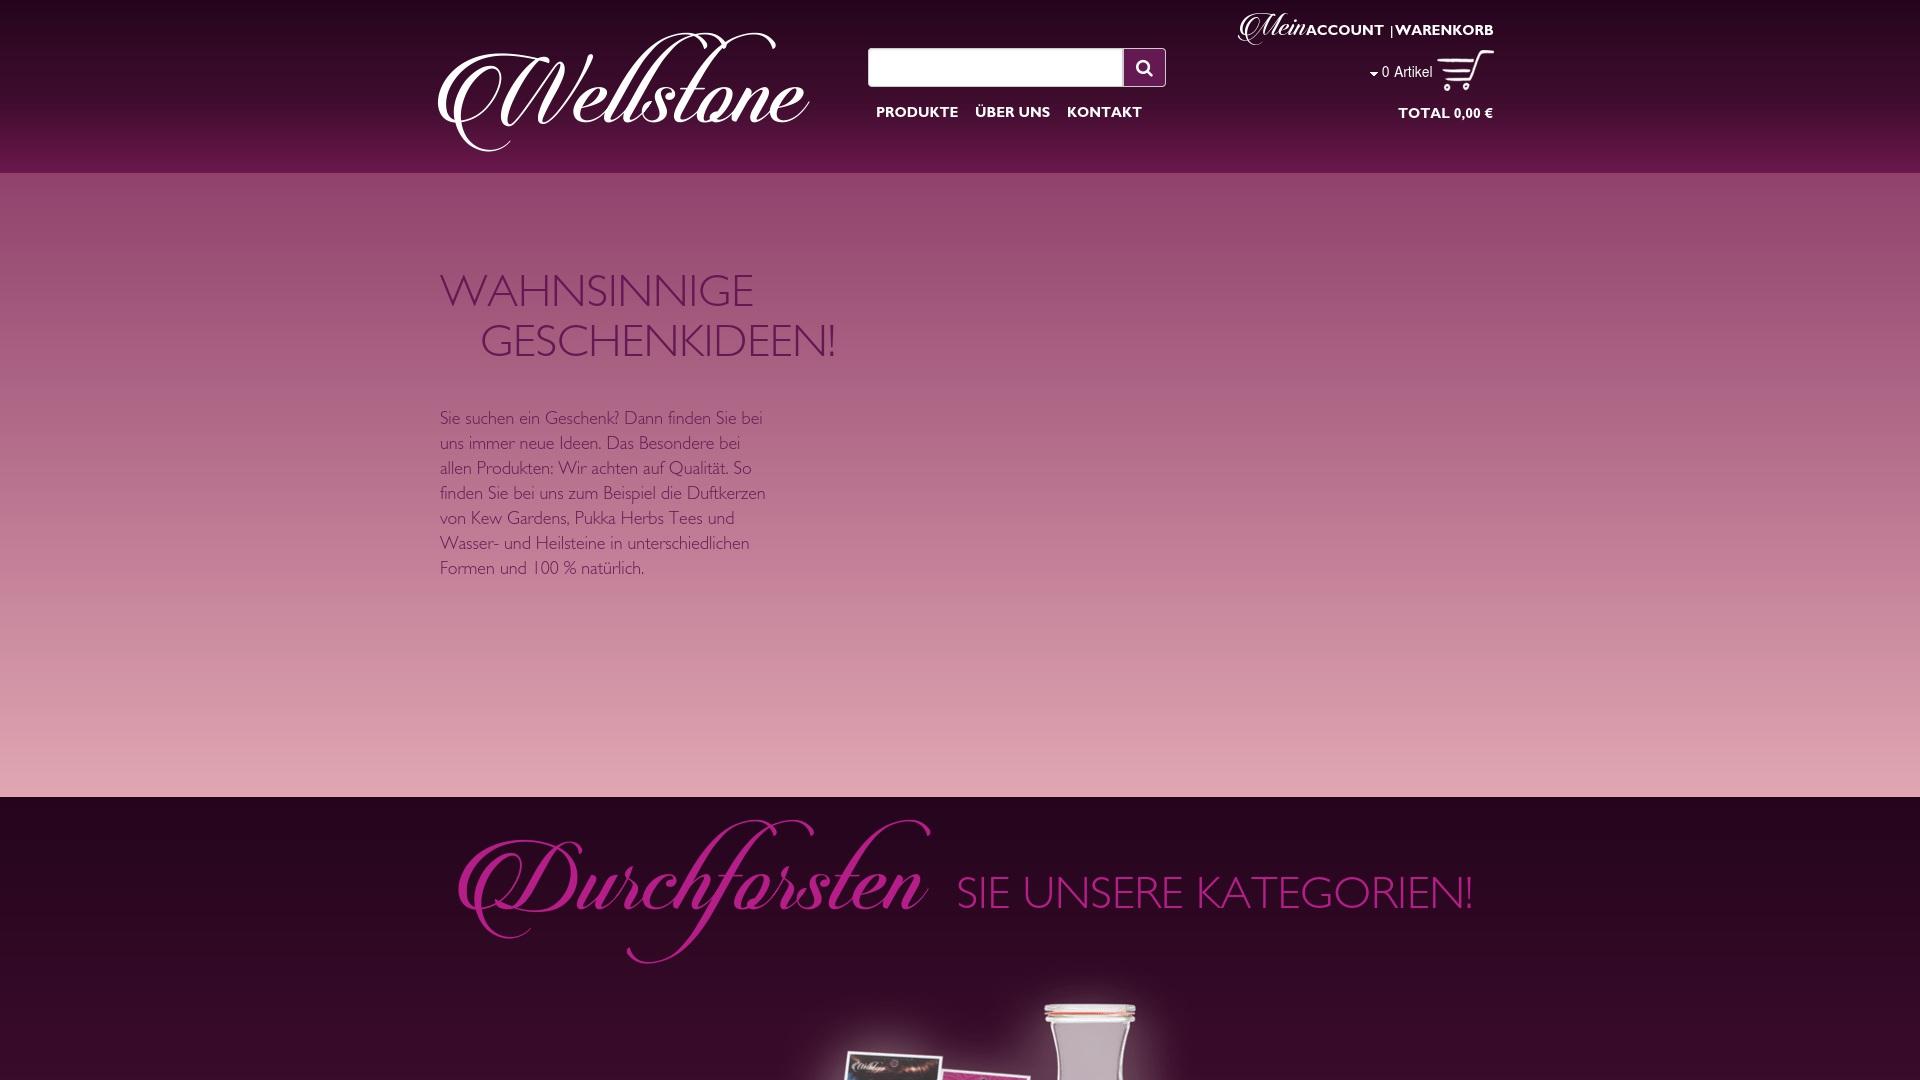 Gutschein für Wellstone-shop: Rabatte für  Wellstone-shop sichern